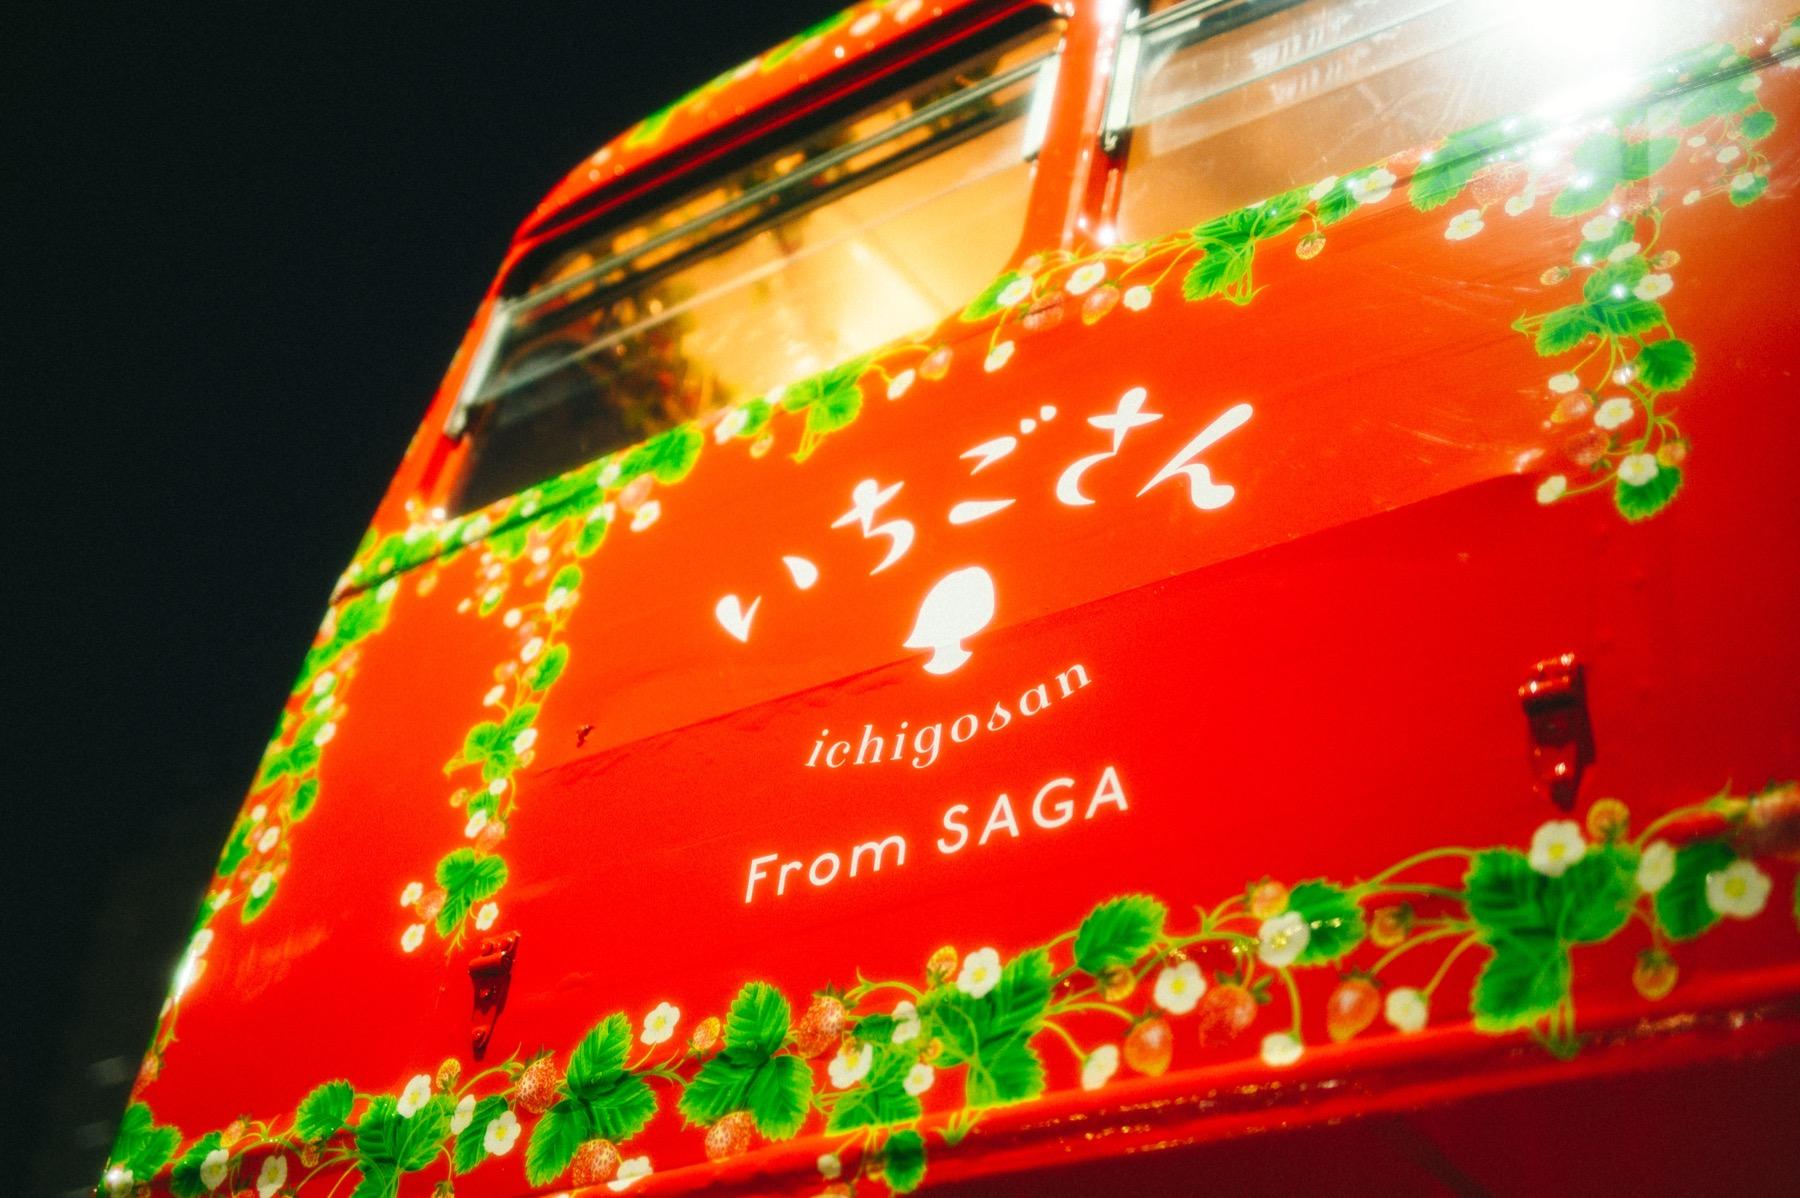 200114_いちごさんバス_sct16 - 6 / 20